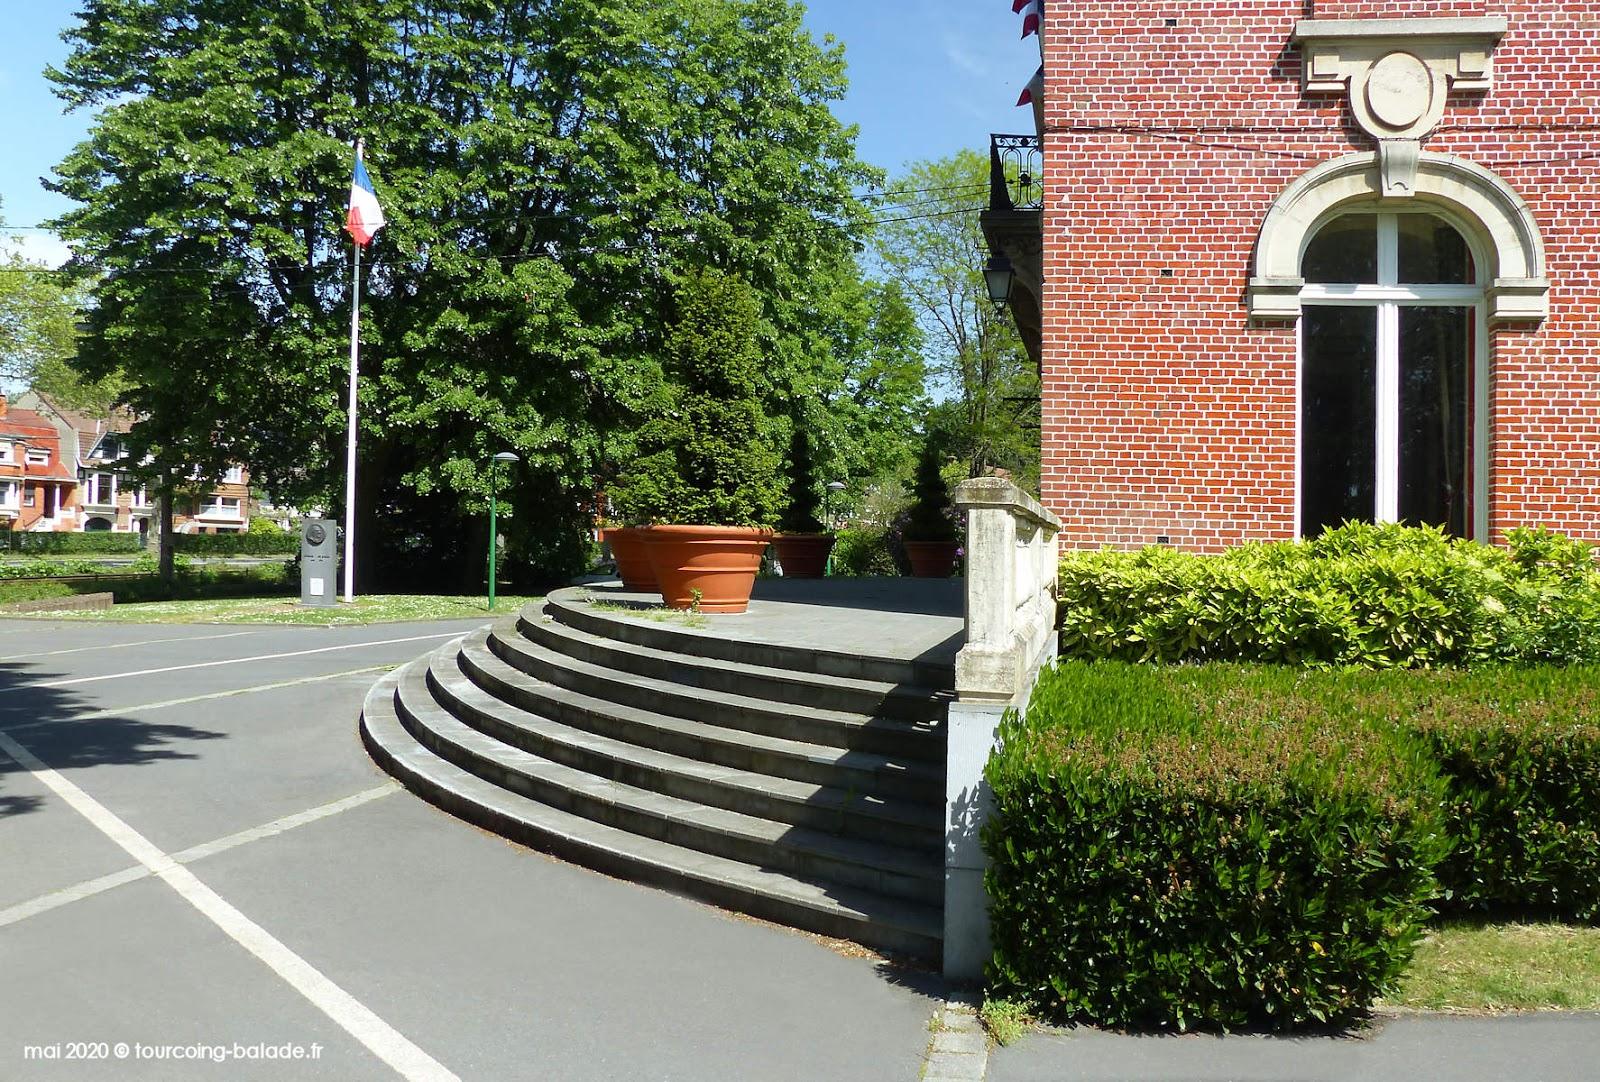 Perron de la Mairie de Mouvaux, 2020